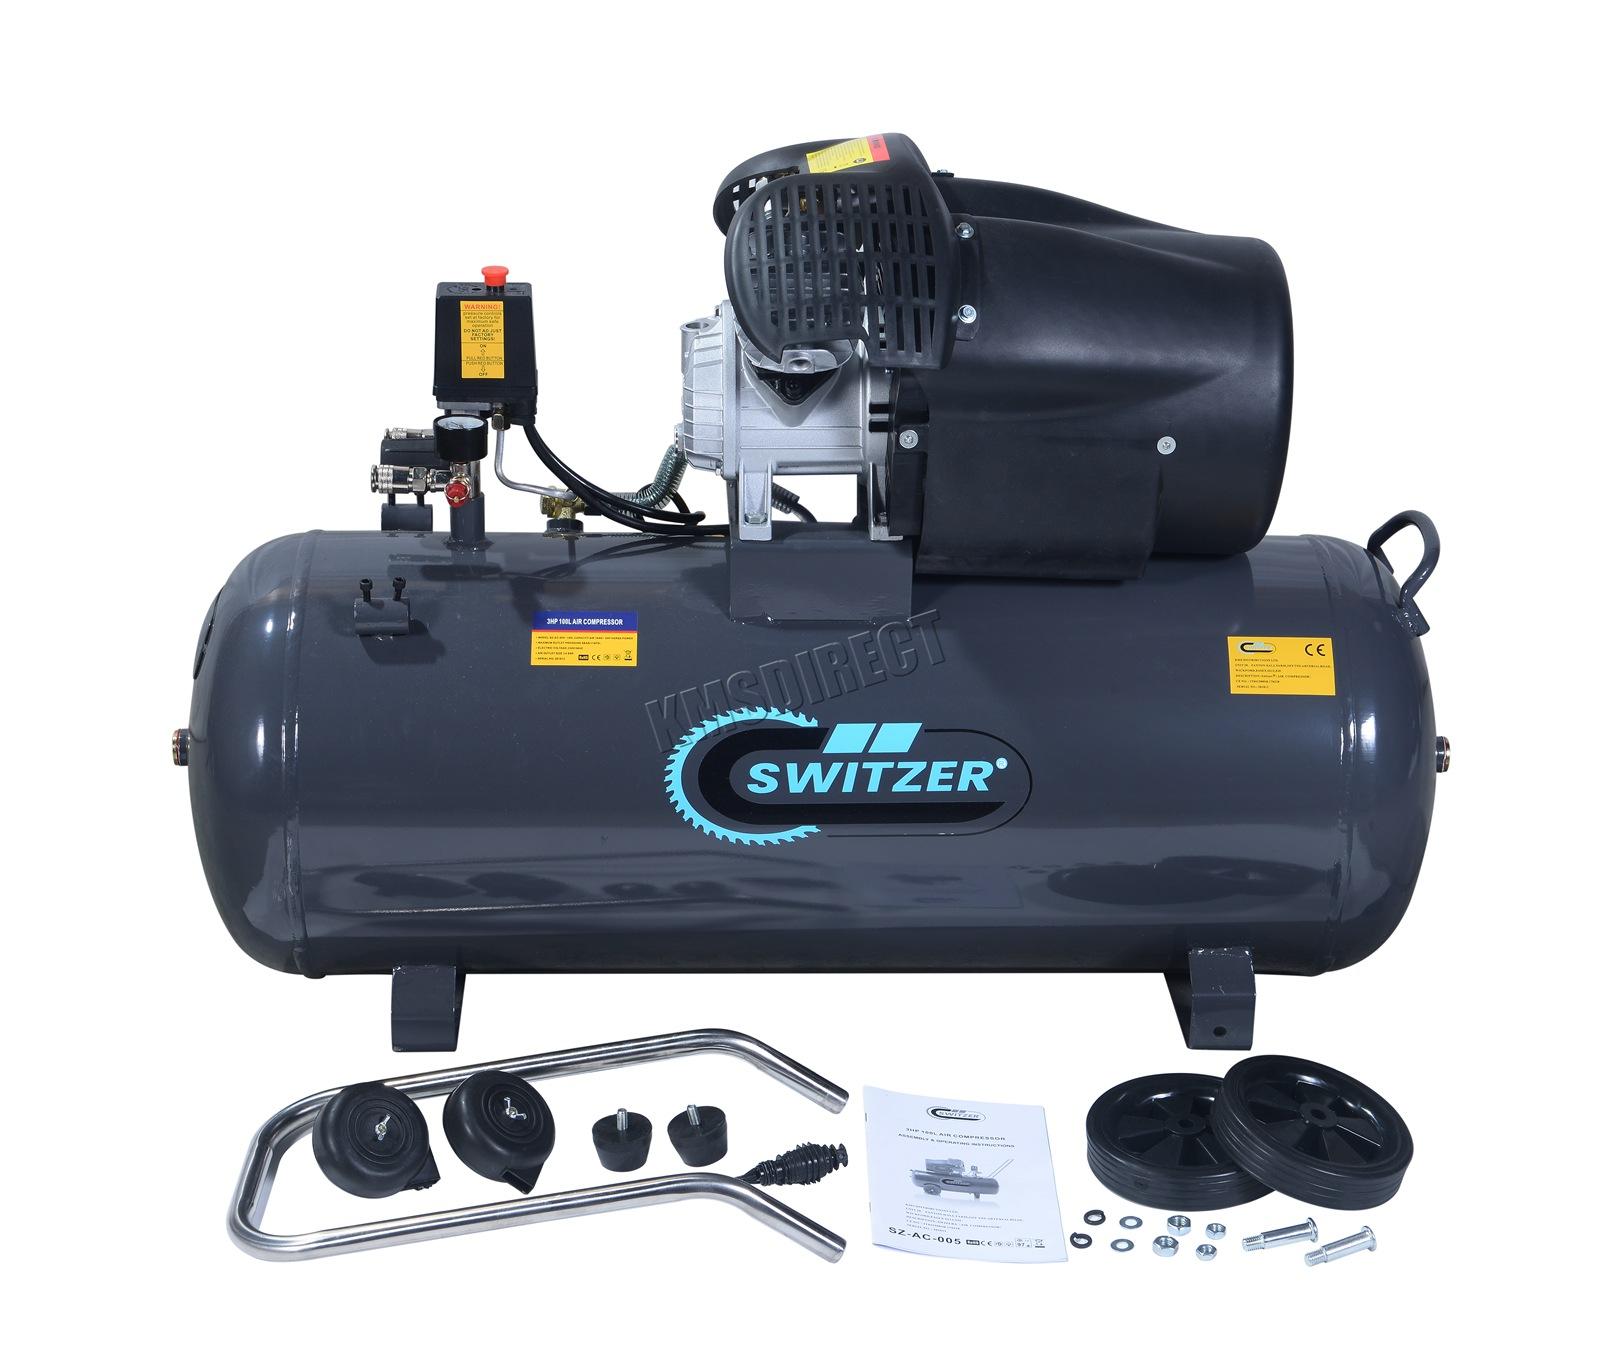 switzer luftkompressor 100l liter l 3hp 8 bar 230v 14cfm. Black Bedroom Furniture Sets. Home Design Ideas